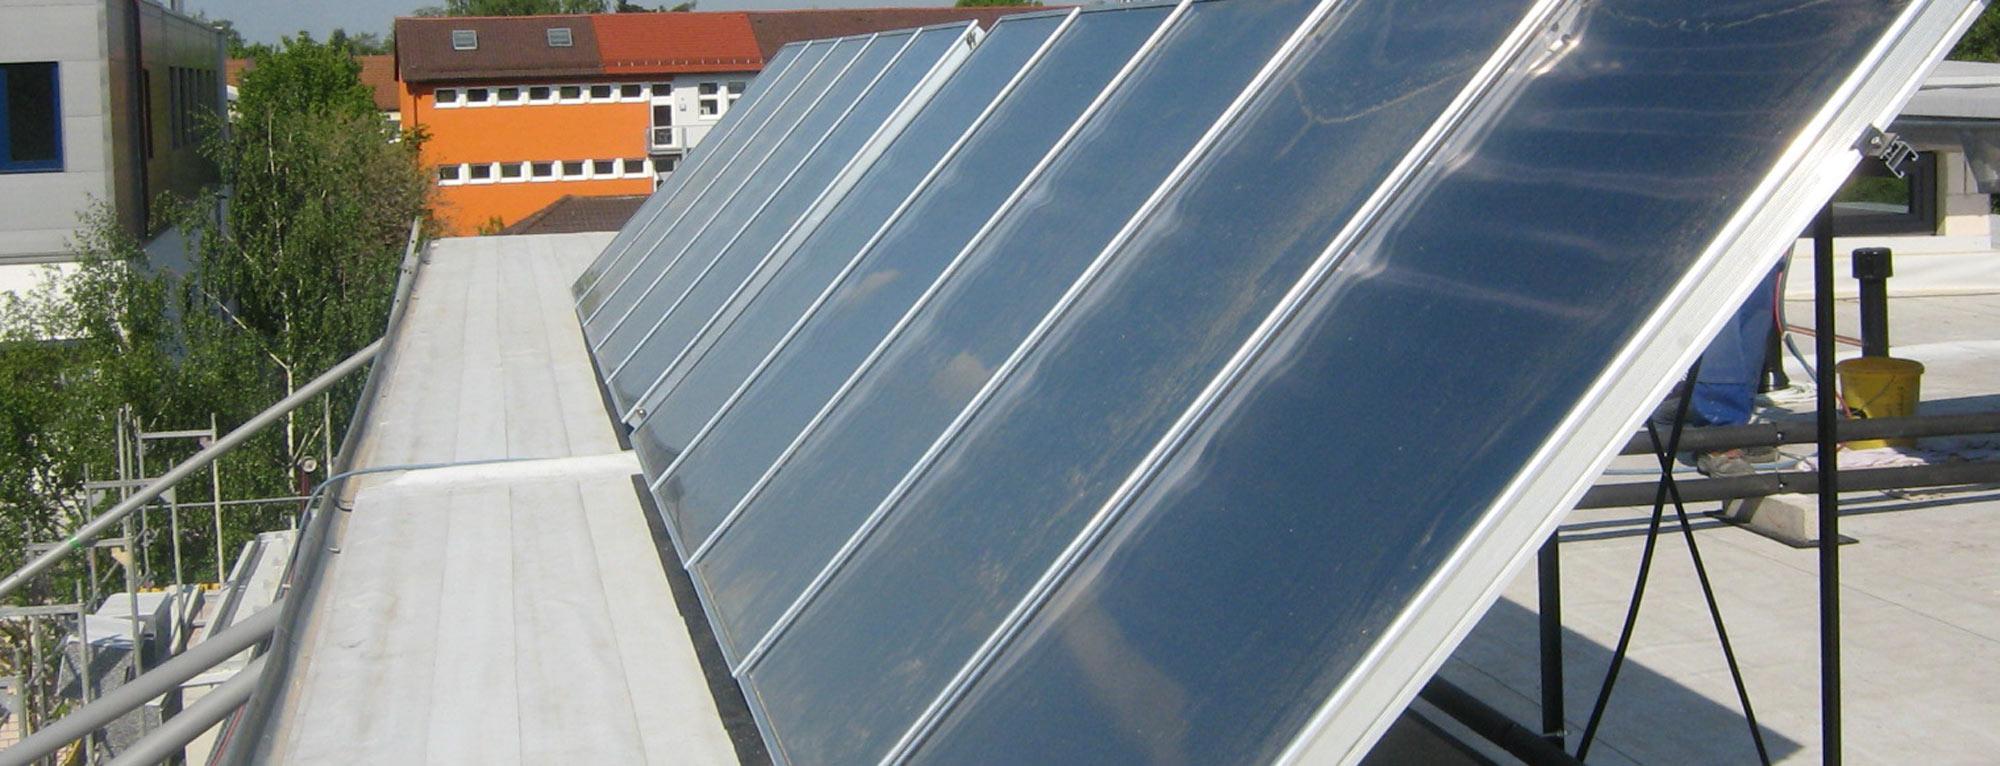 Meier Haustechnik Solar